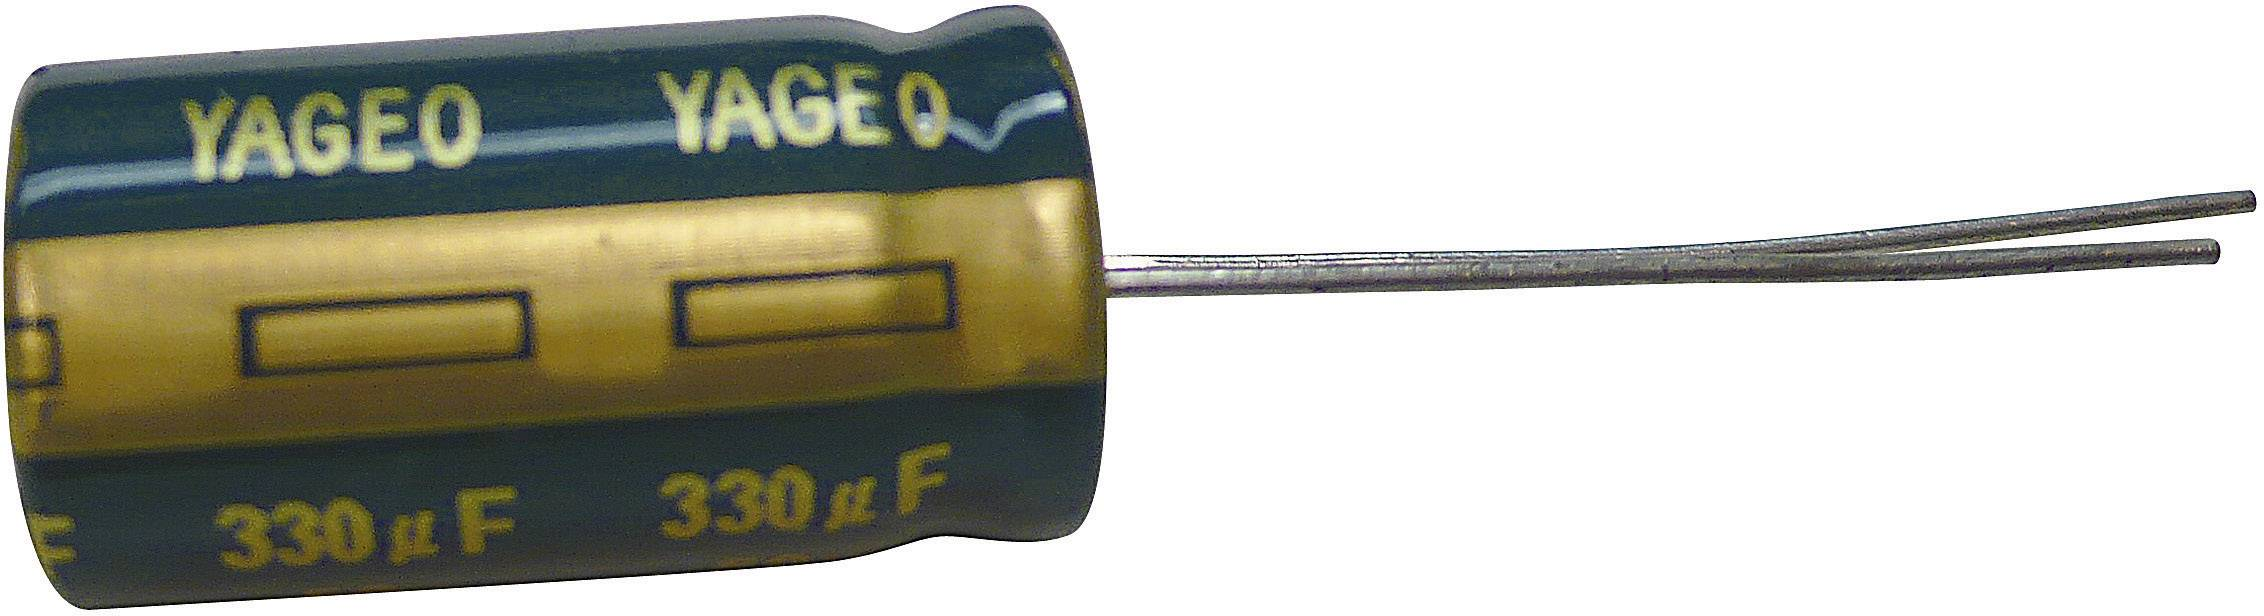 Kondenzátor elektrolytický Yageo SY016M3300B5S-1335, 3300 µF, 16 V, 20 %, 35 x 13 mm